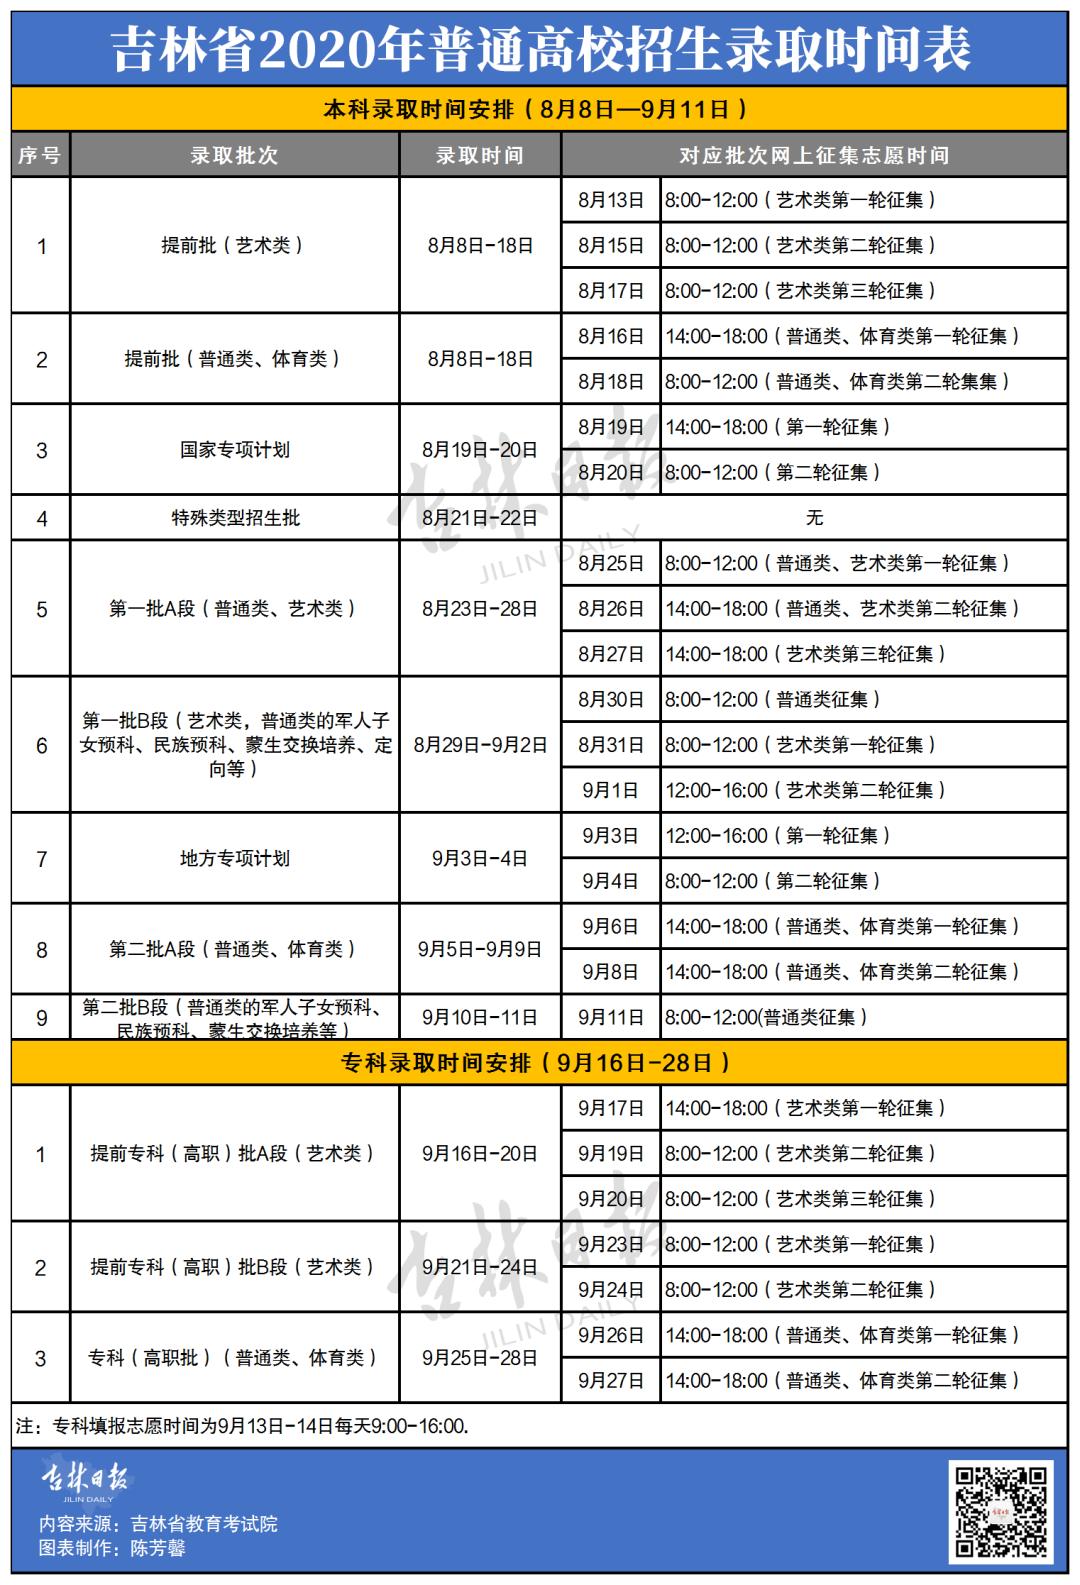 吉林省2020年普通高校招生录取时间表